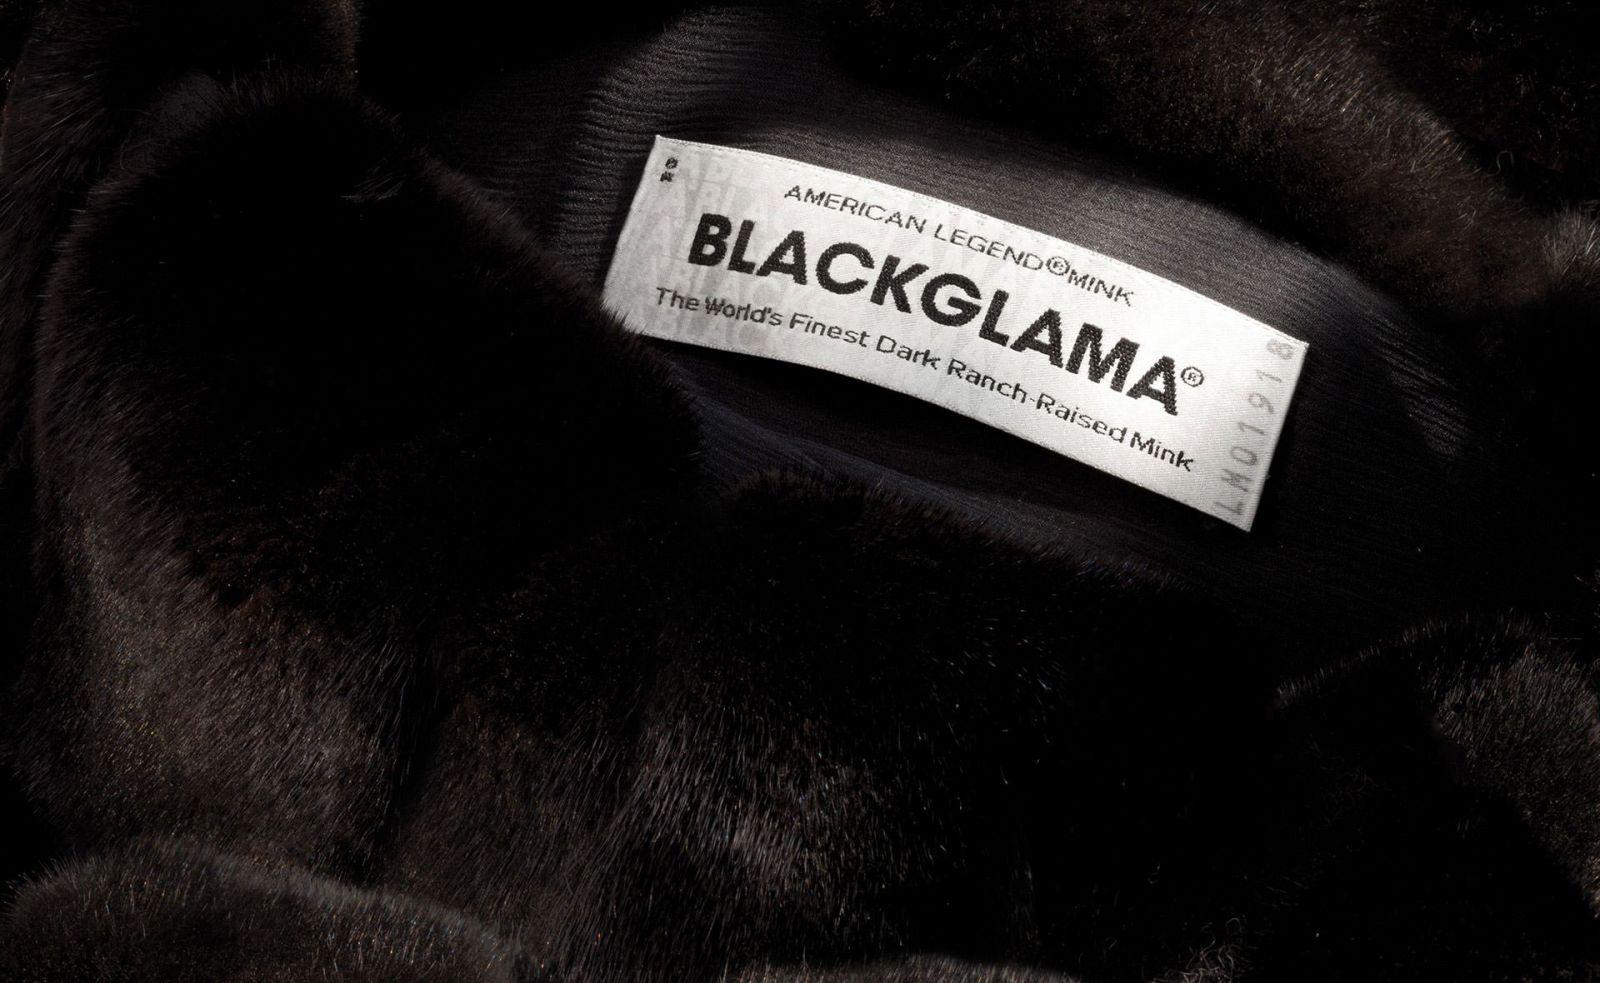 Проверить шубу Blackglama (номер) на официальном сайте